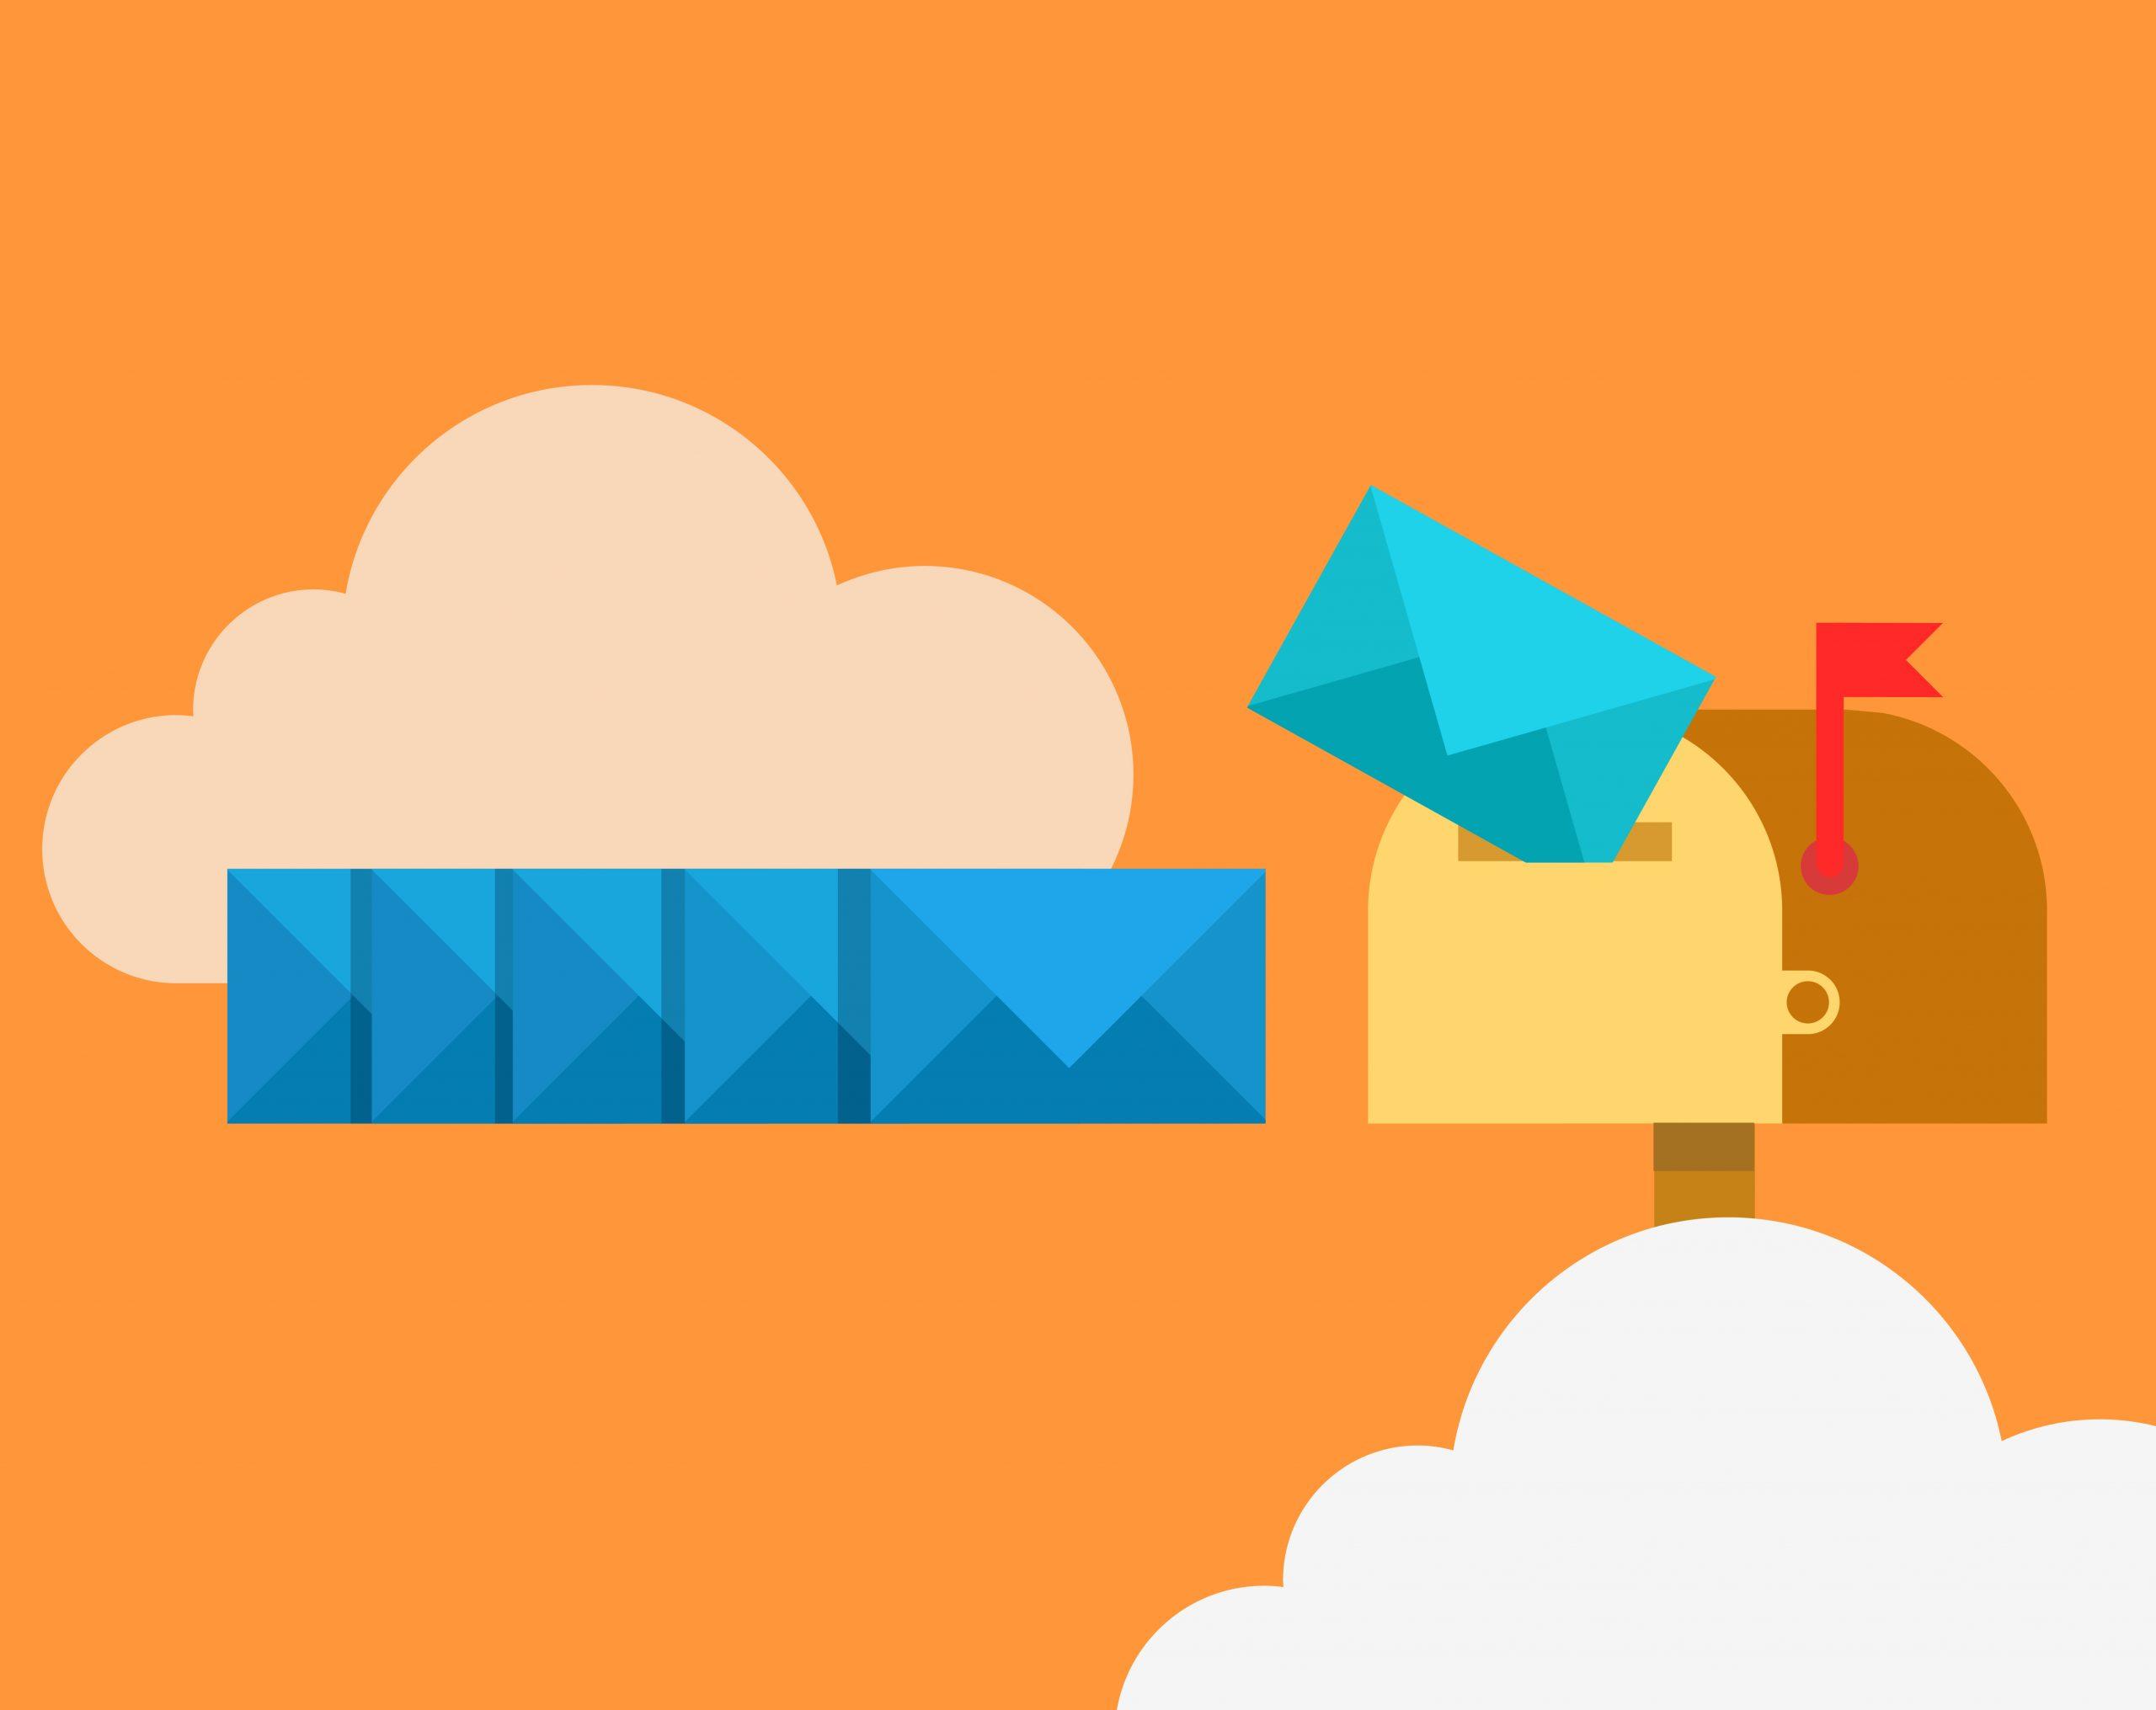 100 bons conseils pour écrire un mailing (Part. 2) 7